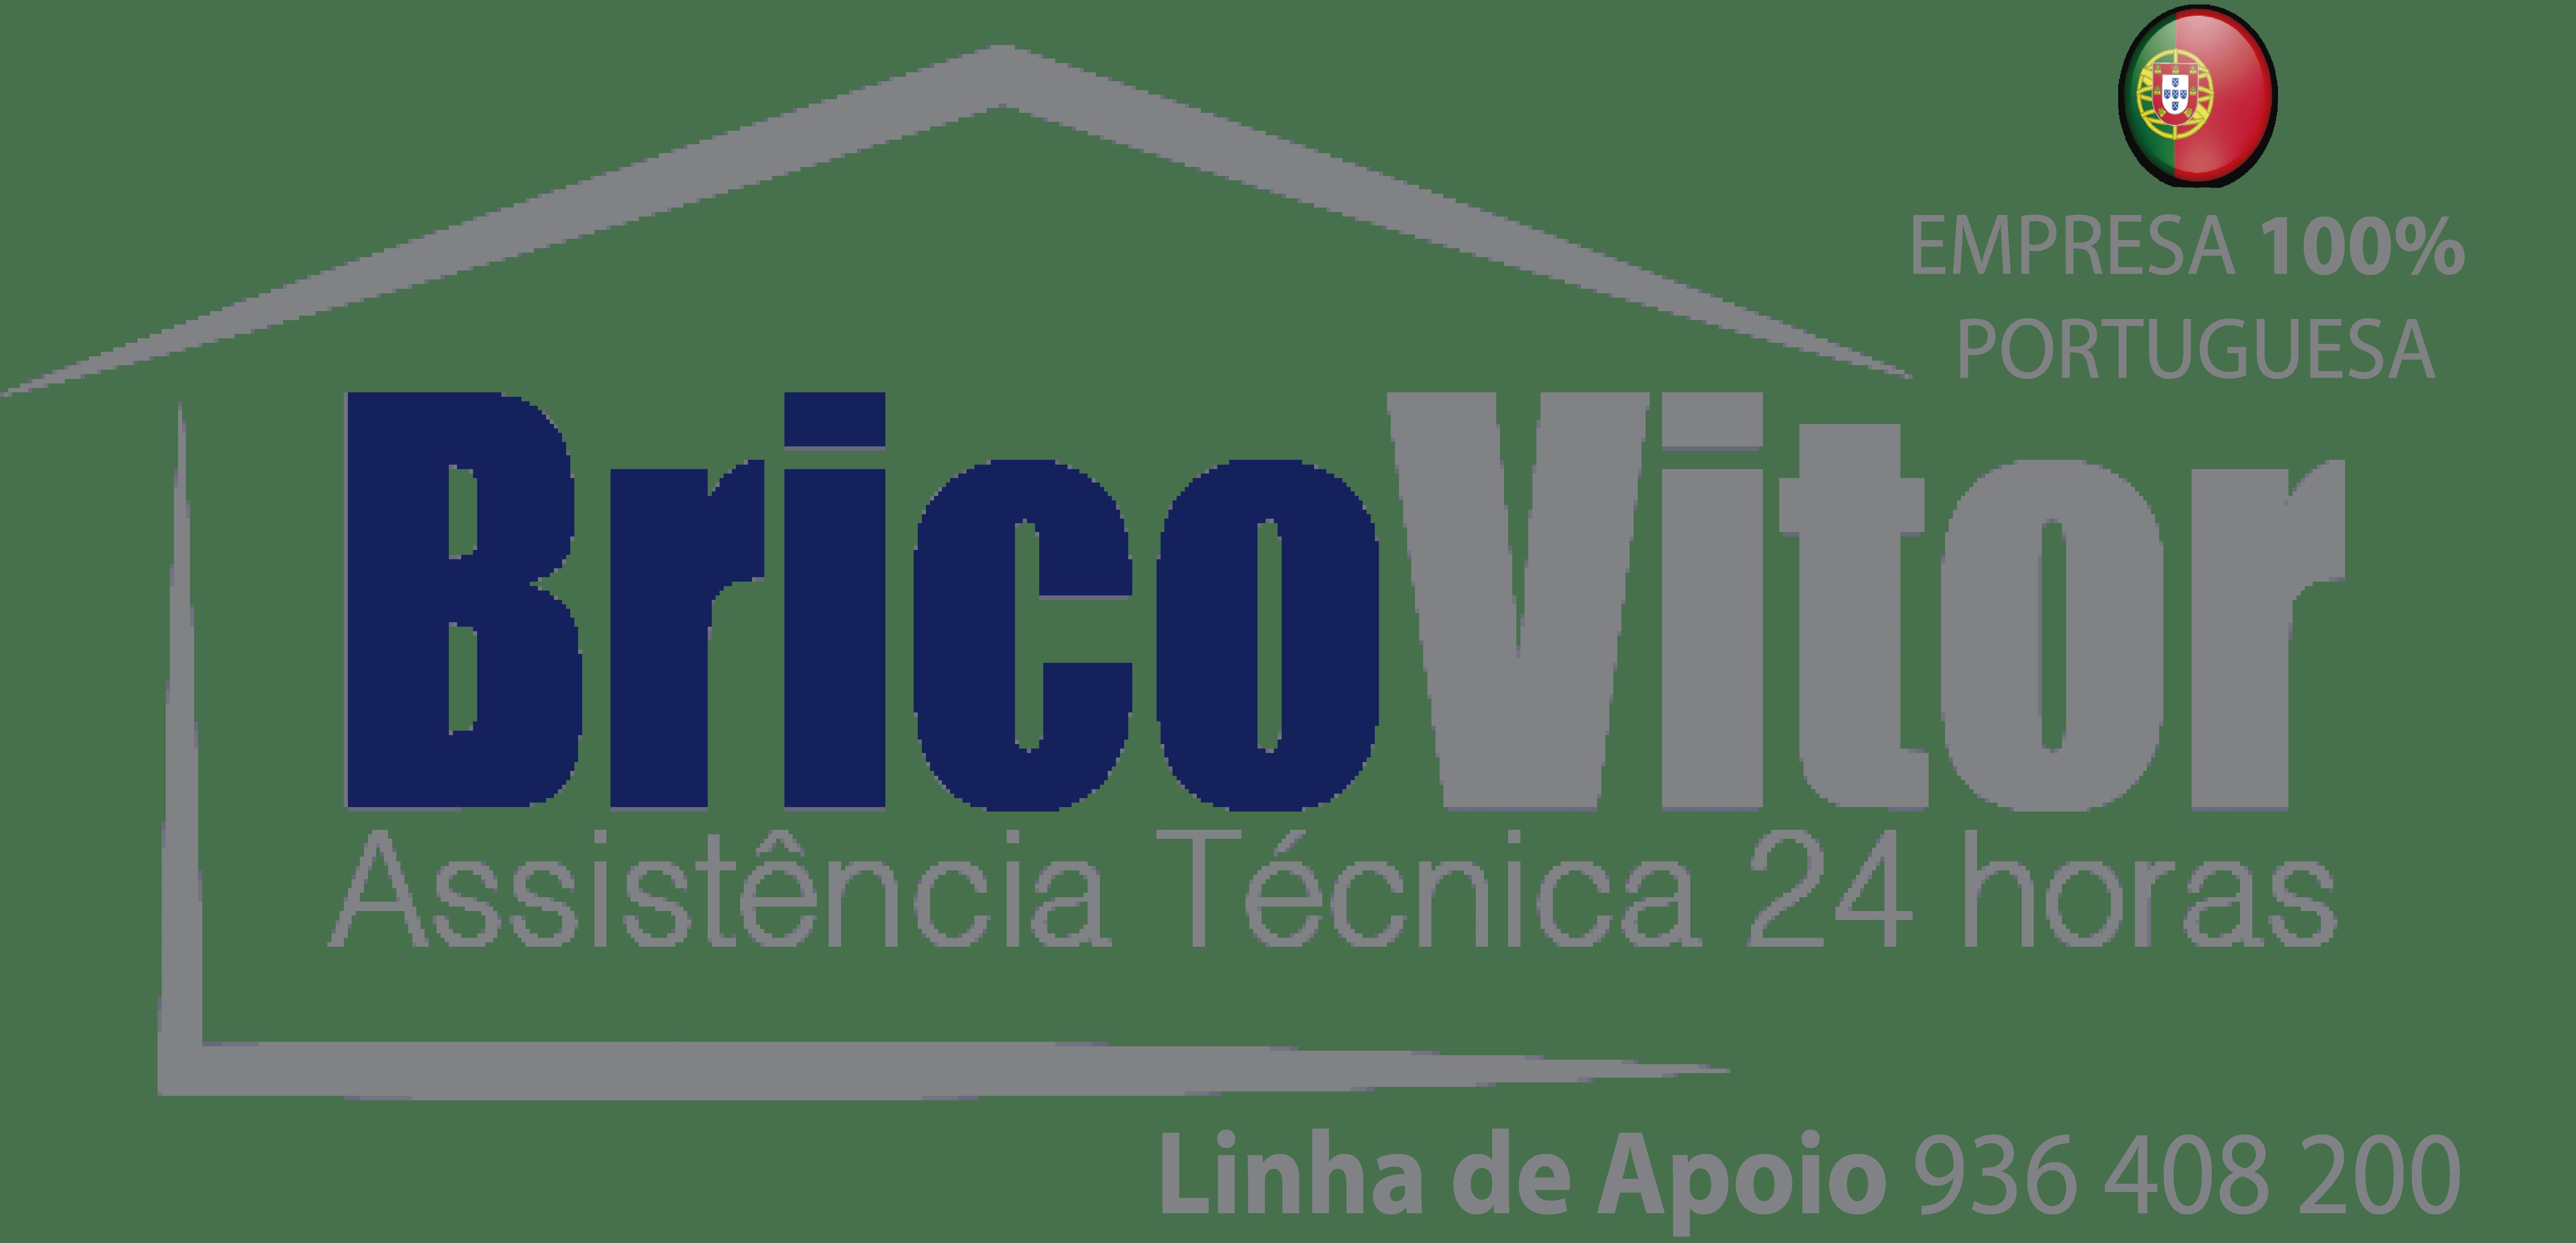 Reparação Caldeira Roca Penacova: Coimbra